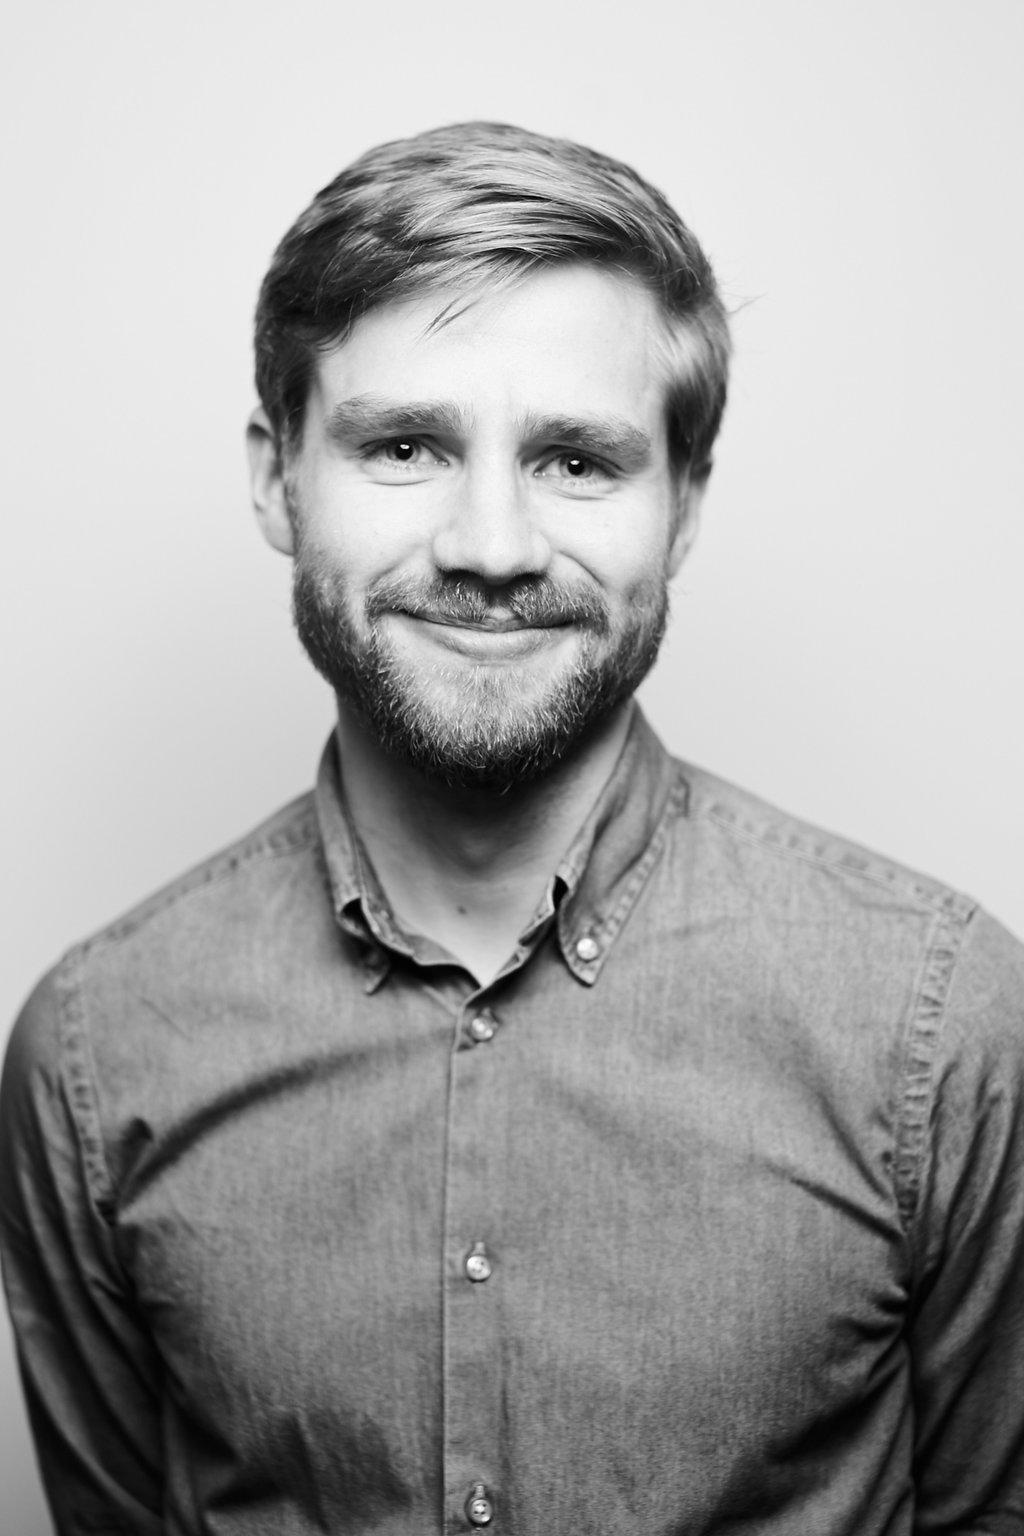 Unge talenter – Snorre Loen, Vizeum